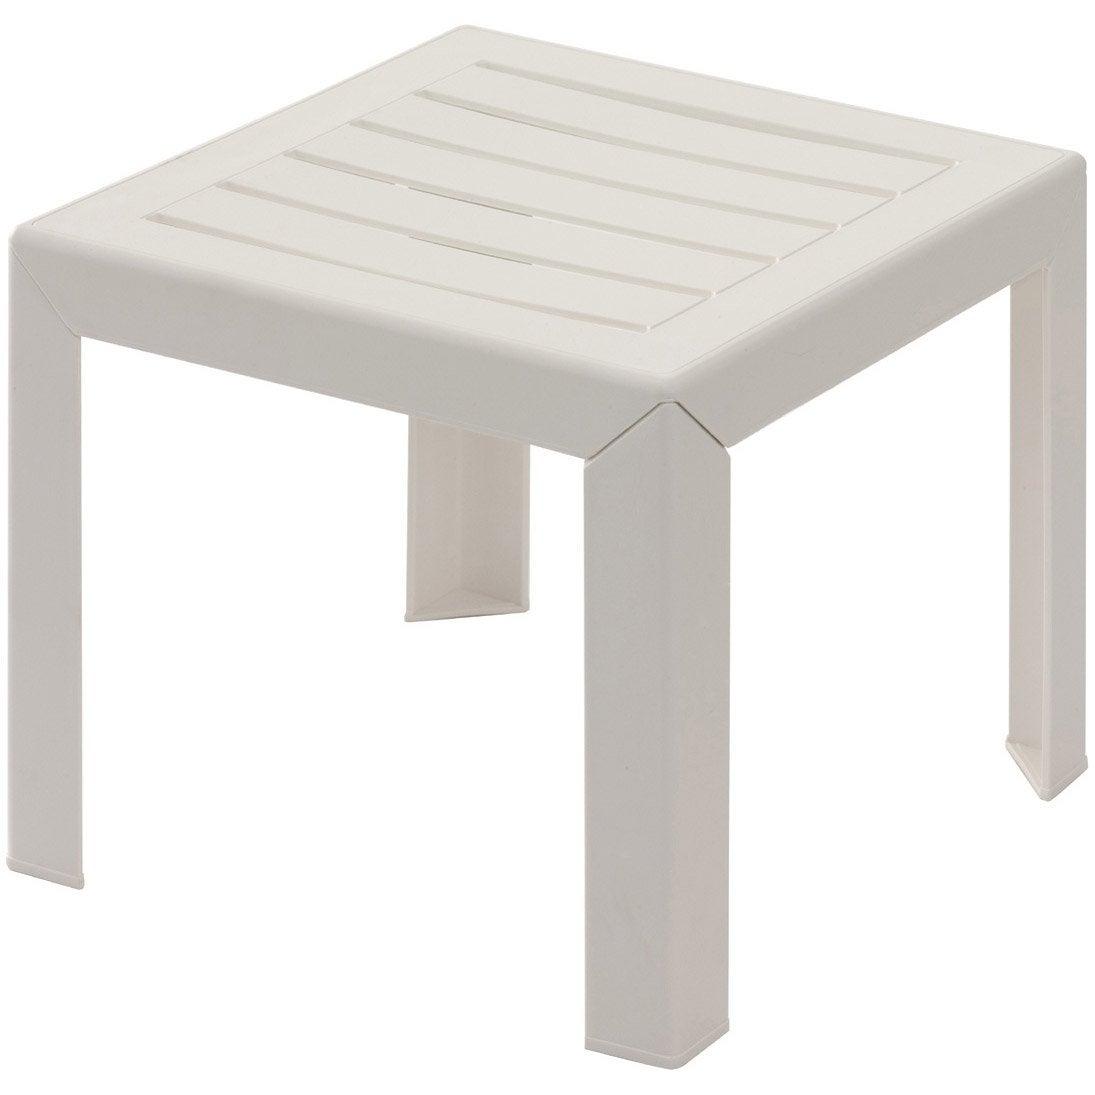 Table basse GROSFILLEX Miami carré blanc 2 personnes